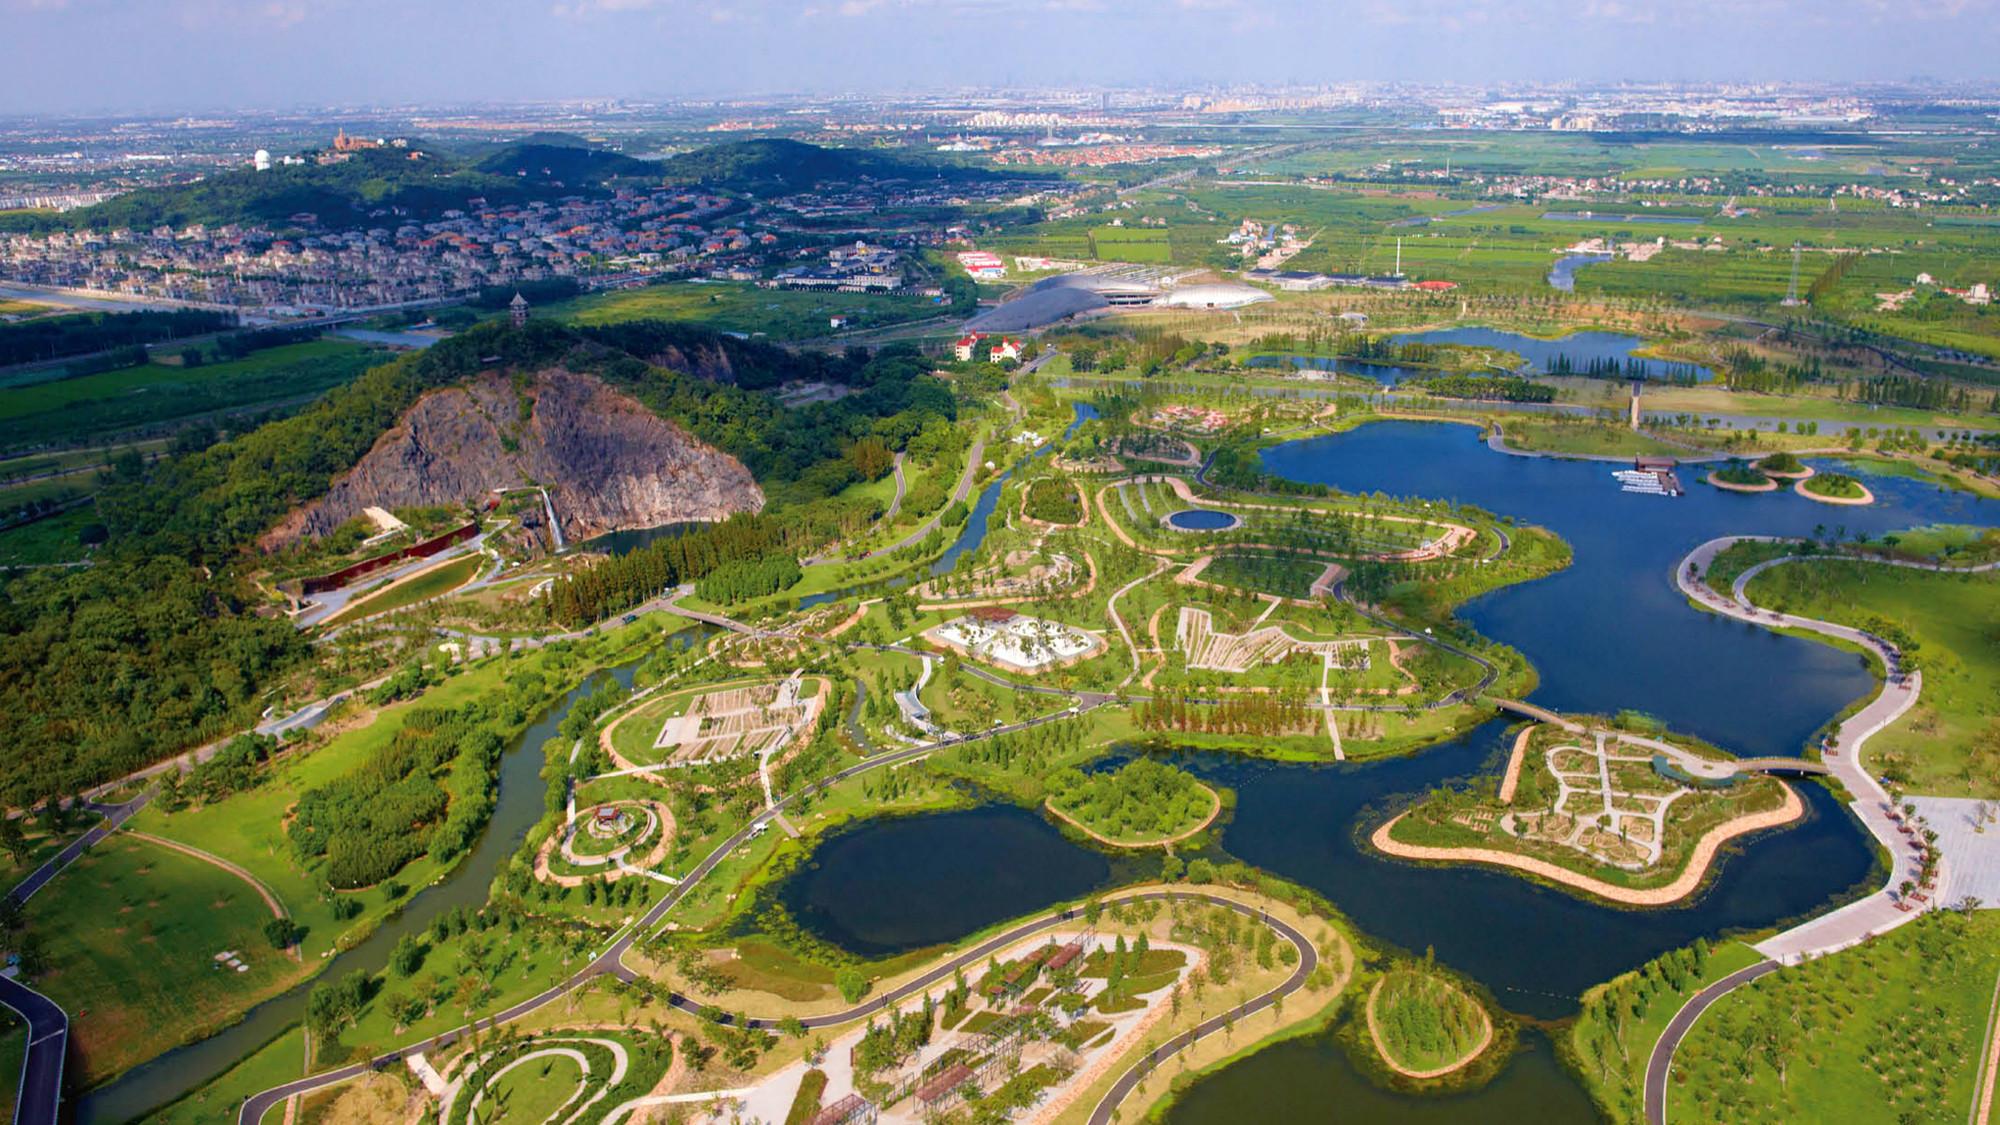 Paisaje y Arquitectura: Jardín Botánico de Chenshan, un equilibrio entre el fin científico y la recreación local, © ER Dongqiang